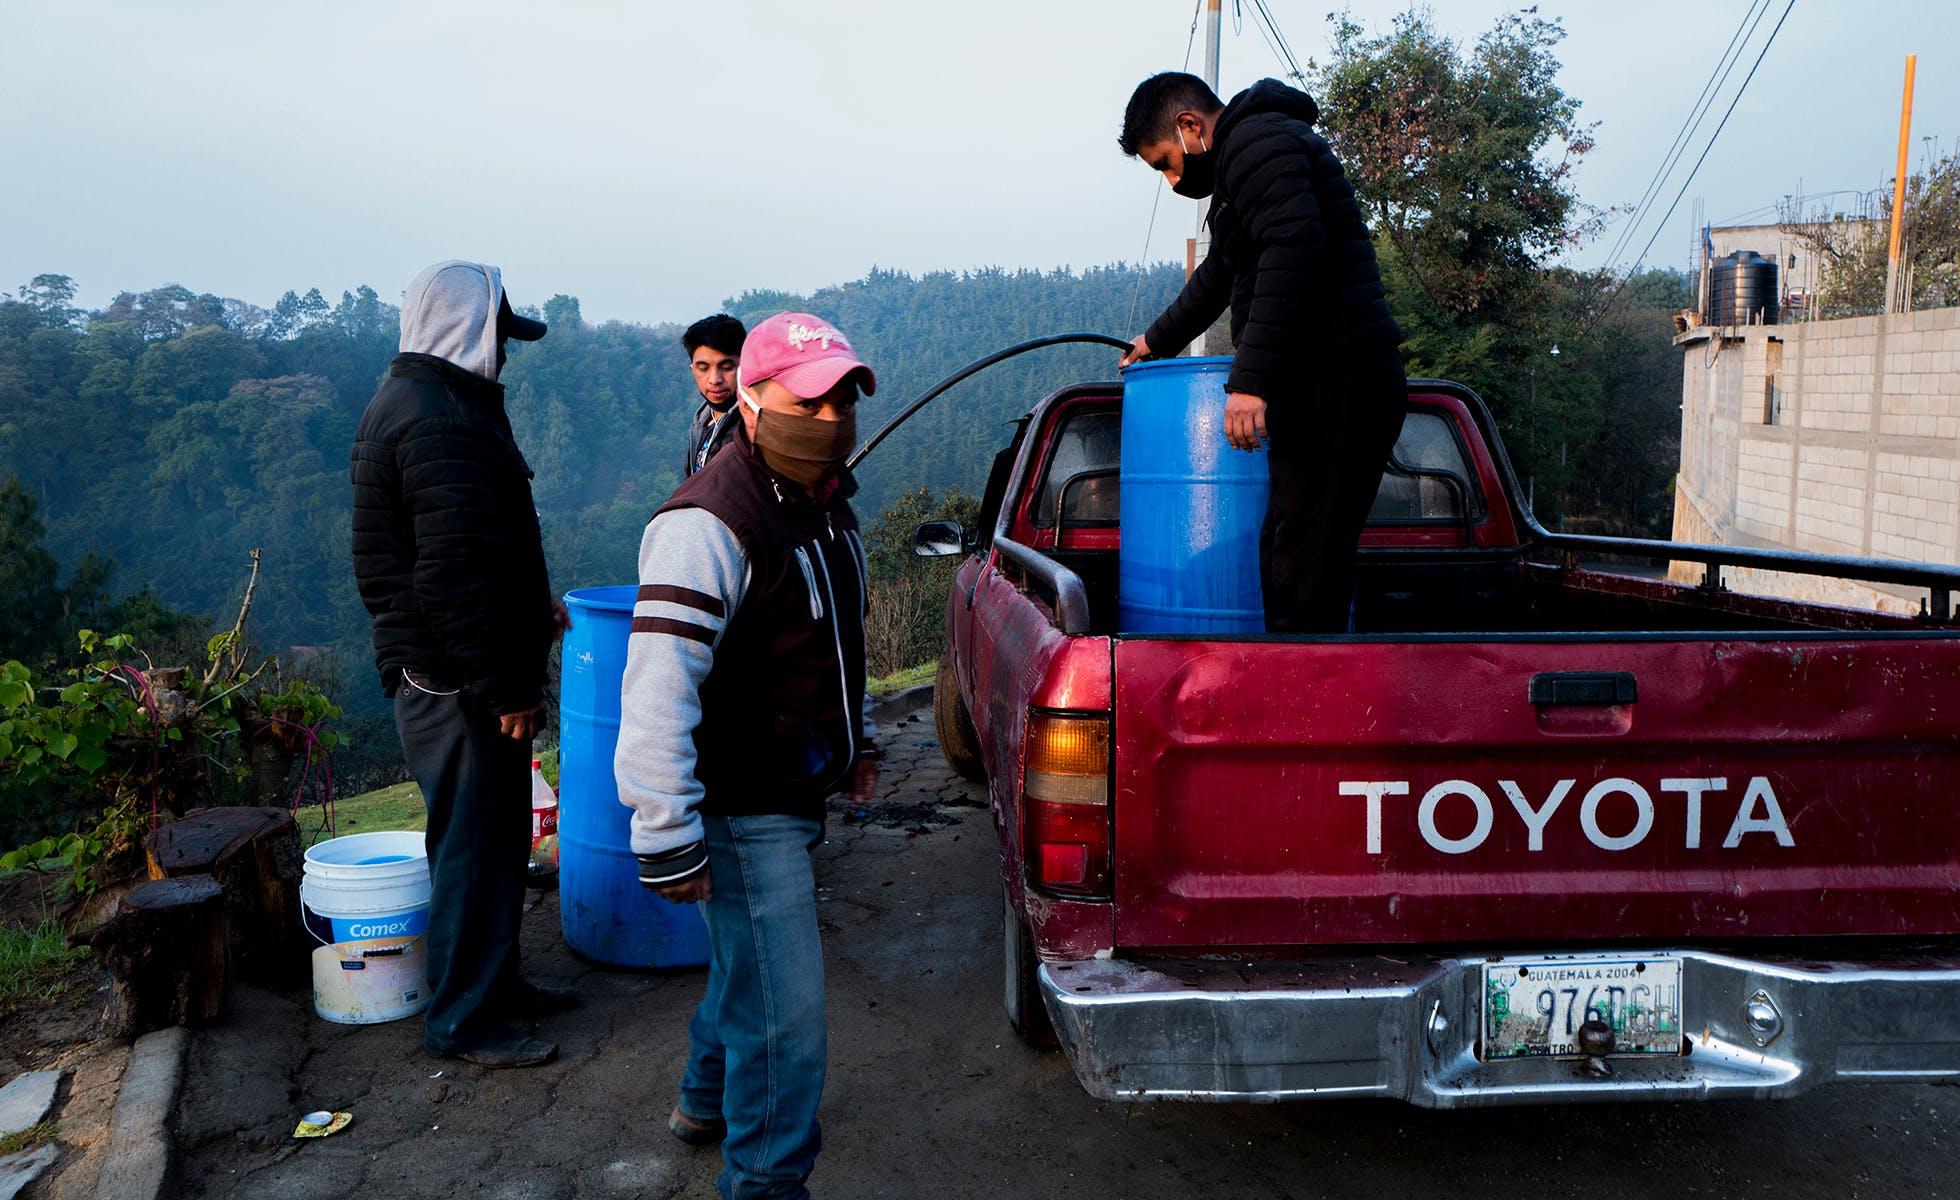 """Oficiales en el pueblo de Tecpán, en el departamento de Chimaltenango establecieron un """"cordón sanitario"""" para limitar acceso y viajes a un pueblo afectado por Covid-19. Foto Morena Pérez Joachin."""